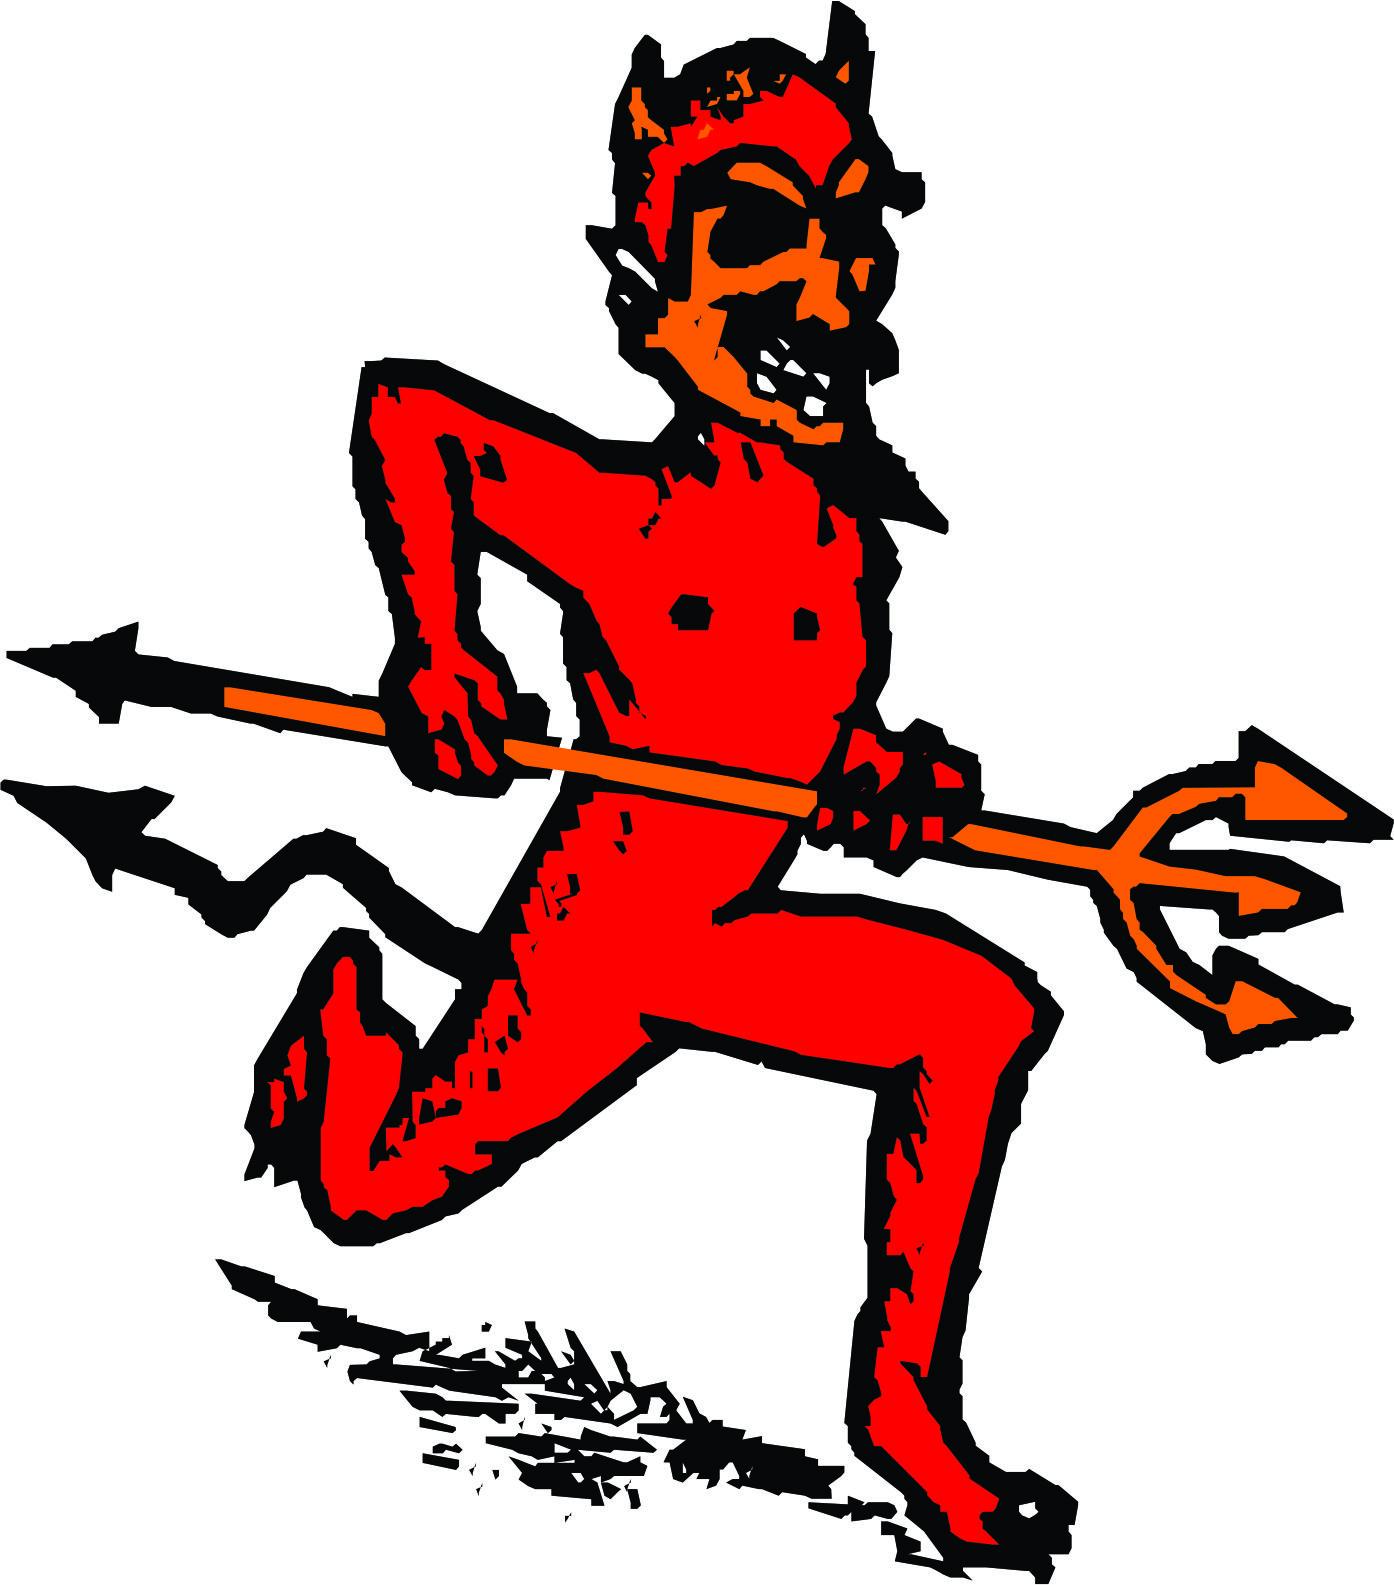 clip art devil disney cartoon clipart clipart suggest clip art devil horns clip art delivery truck